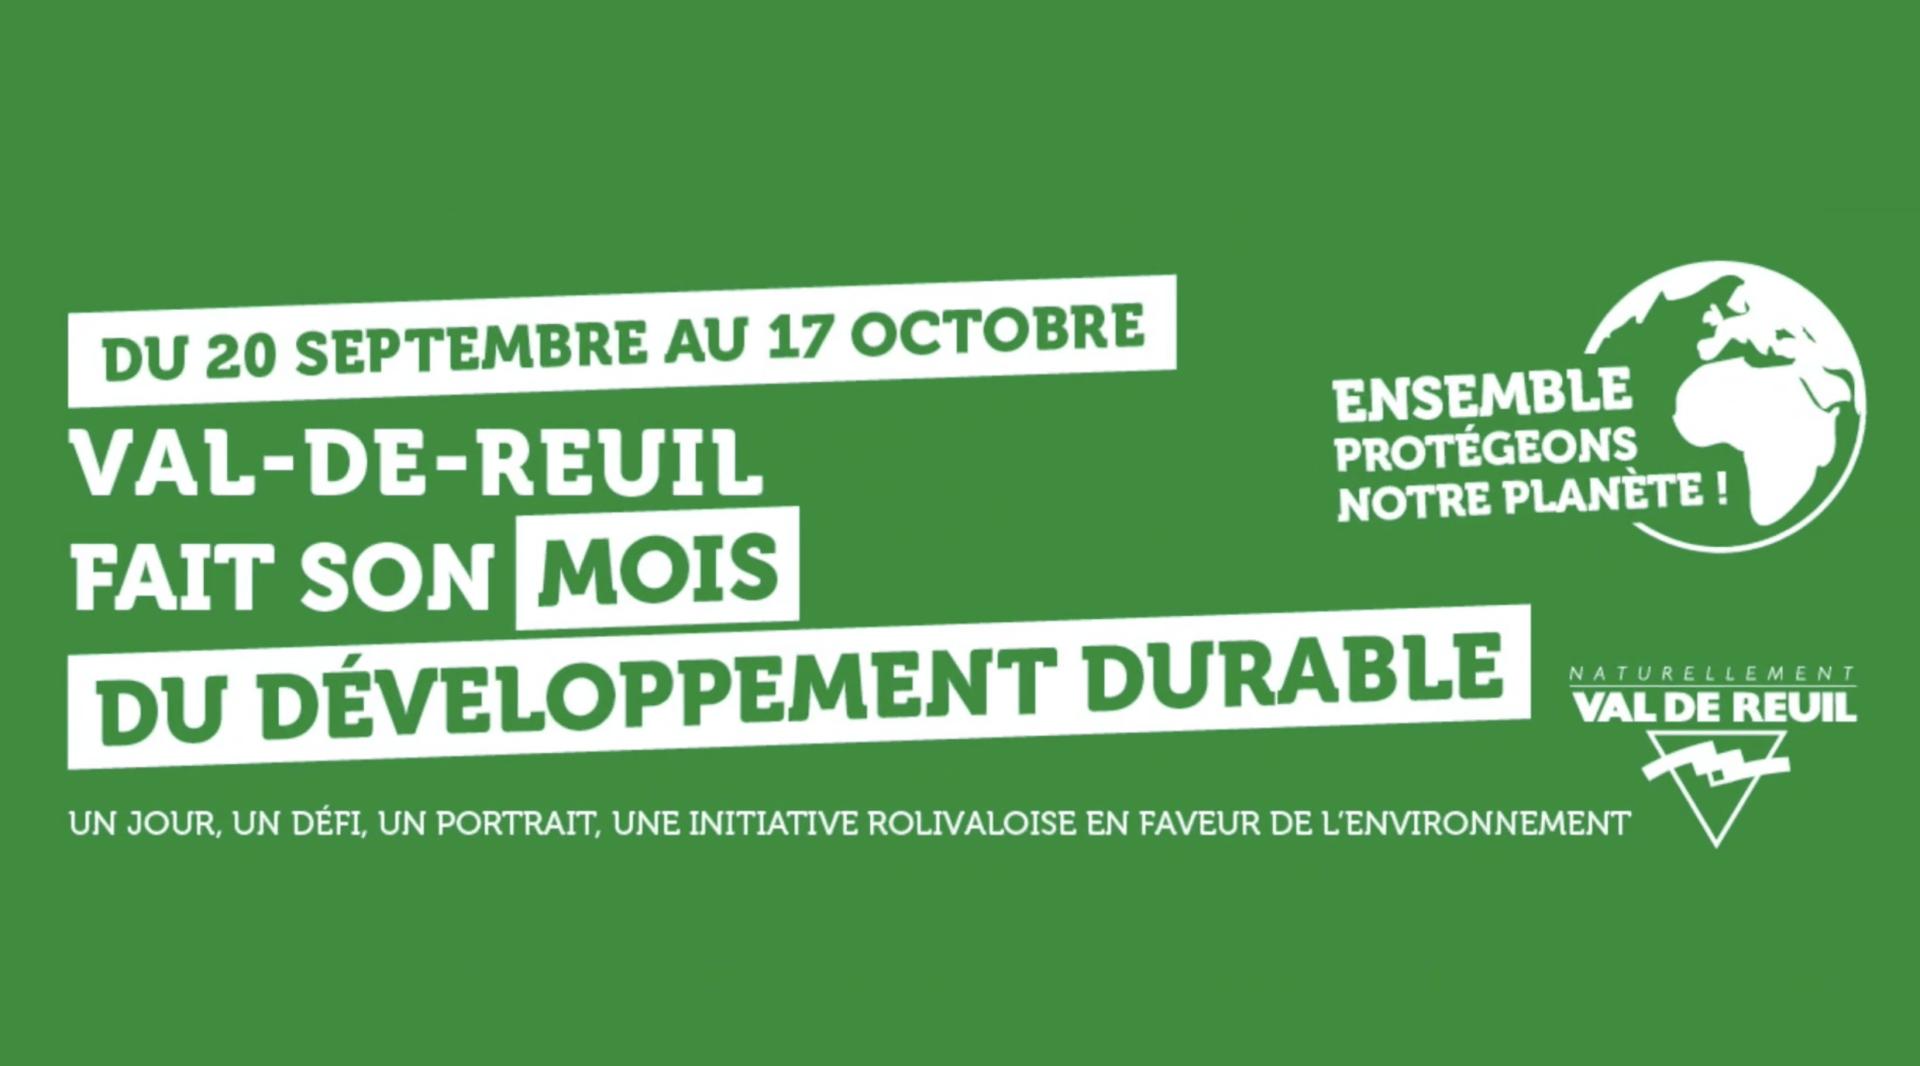 Val-de-Reuil fait son mois du développement durable : Programme de la semaine (vidéo)